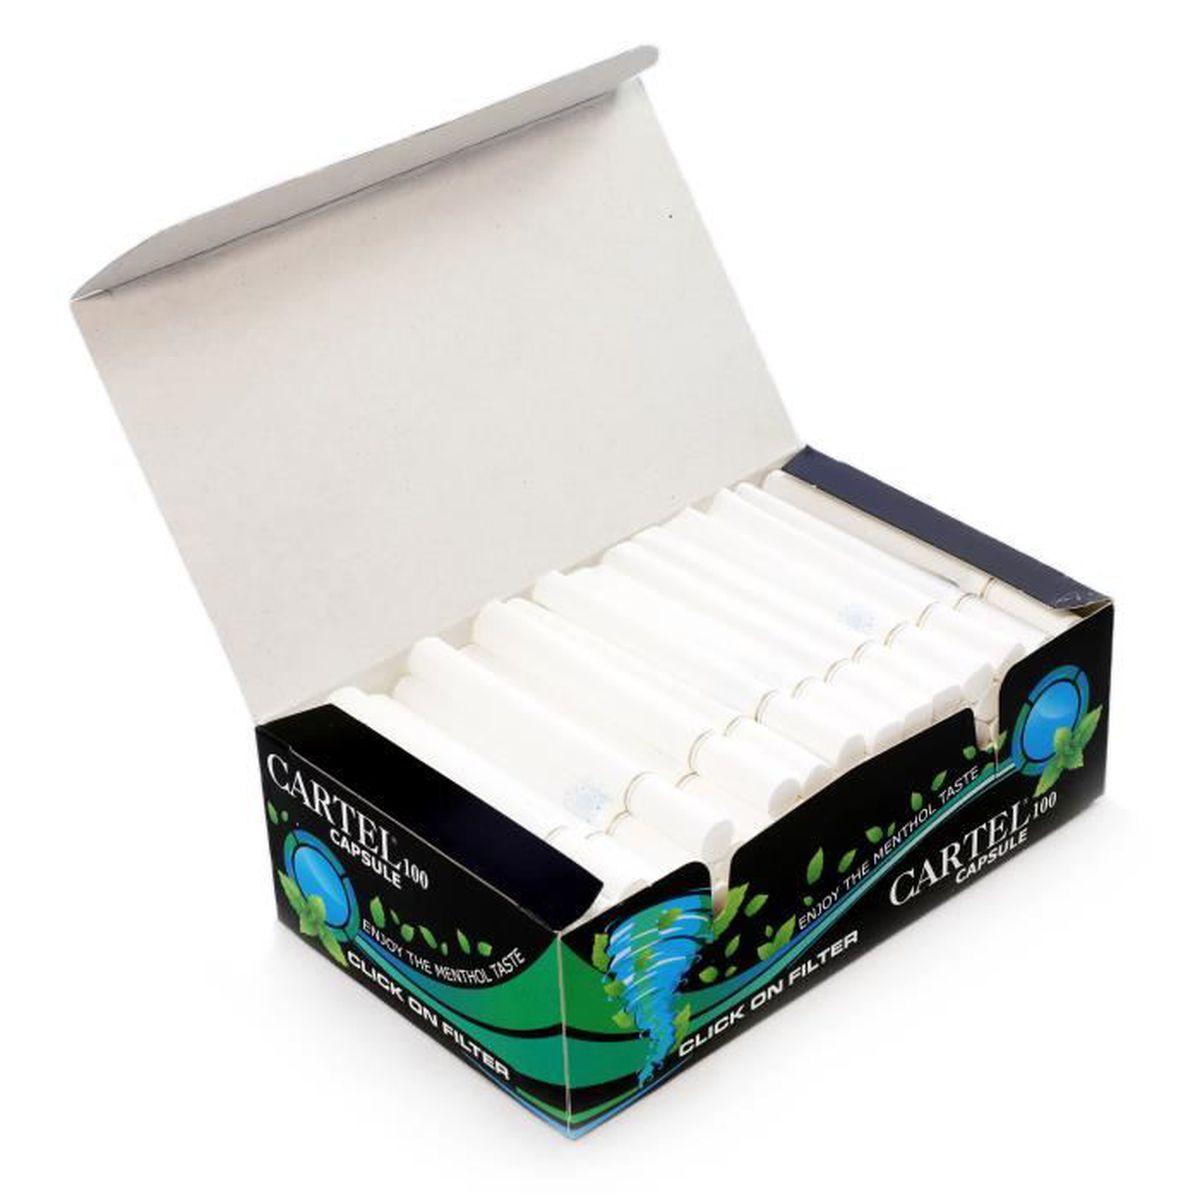 TUBE À CIGARETTE Cartel Capsule 100 tubes à cigarettes filtrés au m